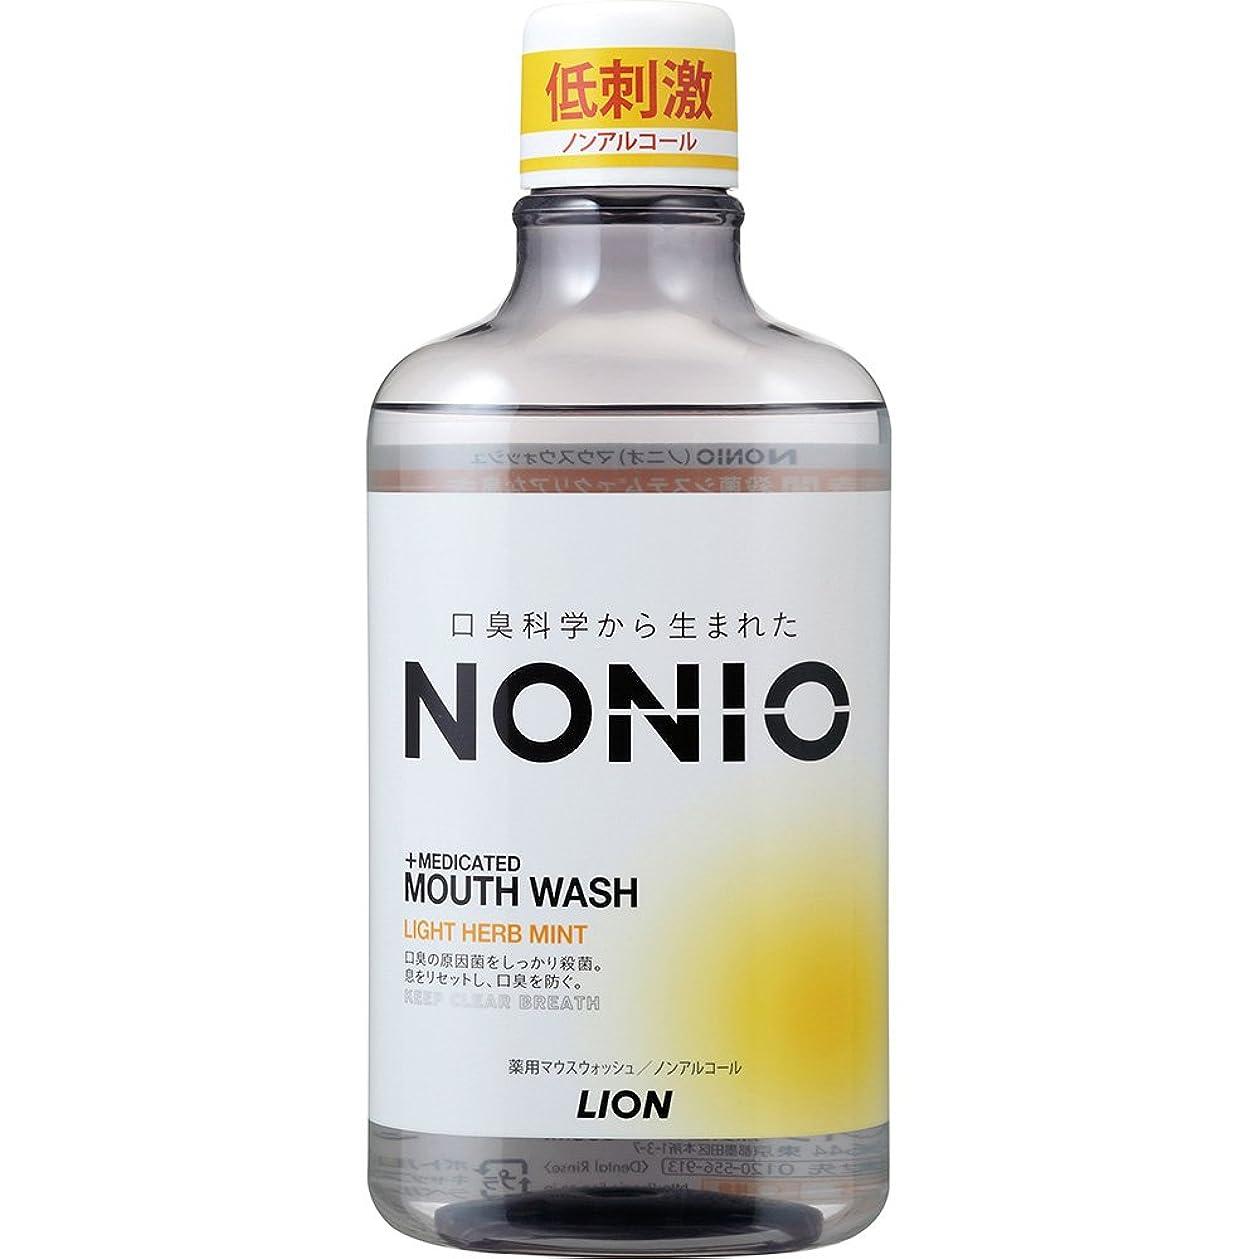 囲い好み消化器[医薬部外品]NONIO マウスウォッシュ ノンアルコール ライトハーブミント 600ml 洗口液